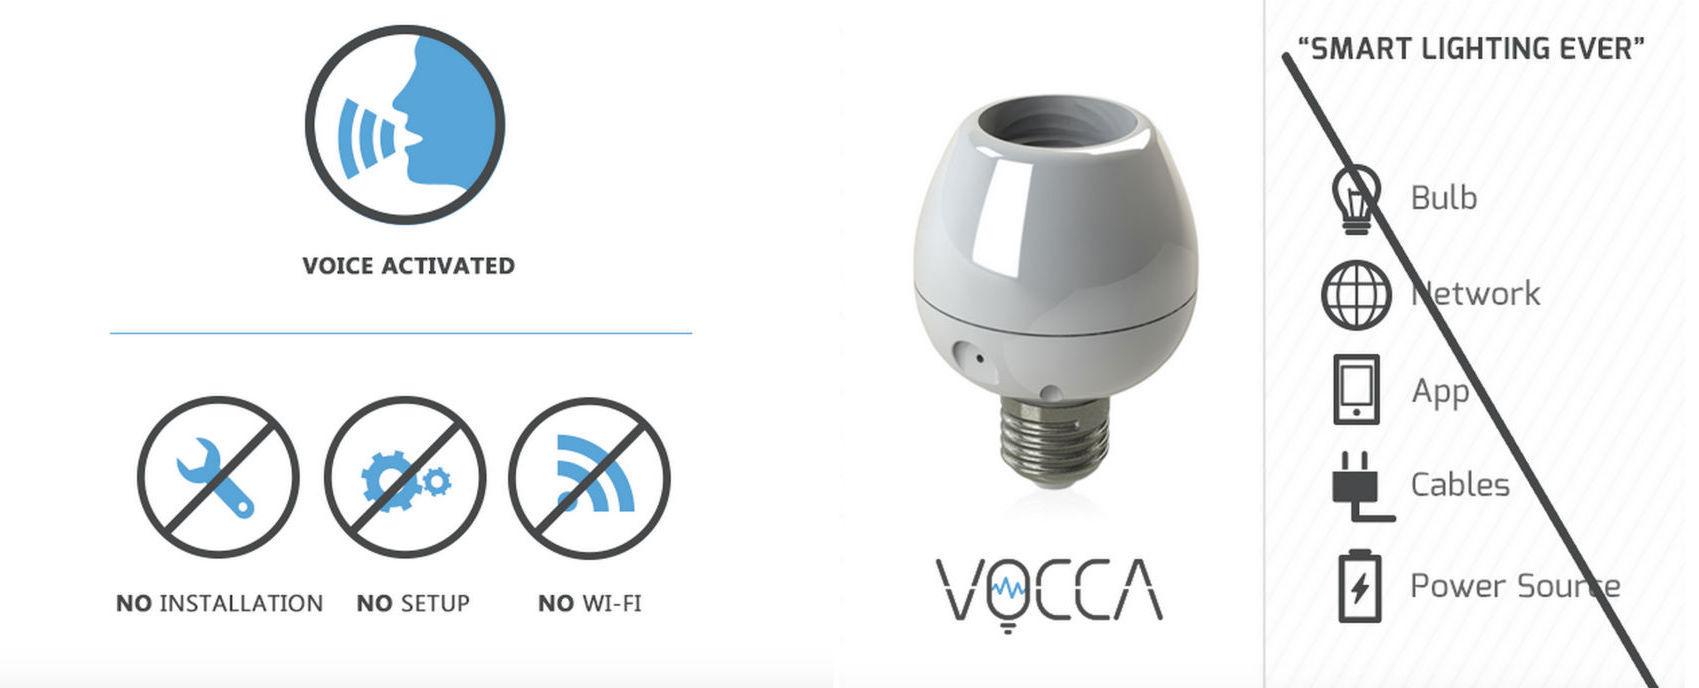 Как говорить с лампочкой — обзор смарт-патрона VOCCA - 6